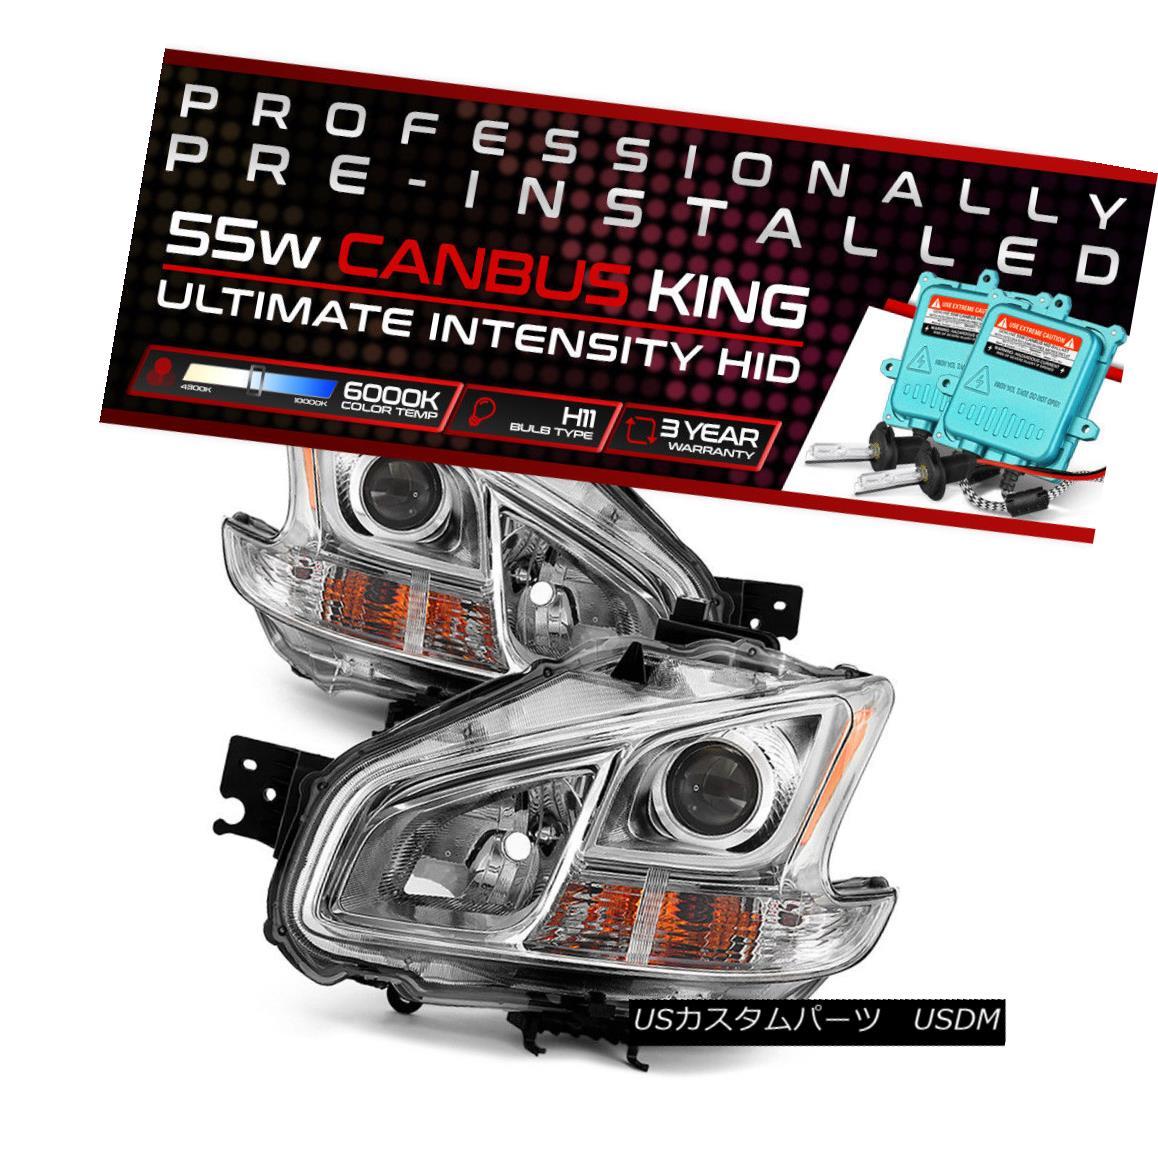 ヘッドライト !55W HID Built-In! For 09-13 Nissan Maxima Factory Style Replacement Headlight !55W HID内蔵! 09?13日産マキシマ工場スタイルの交換用ヘッドライト